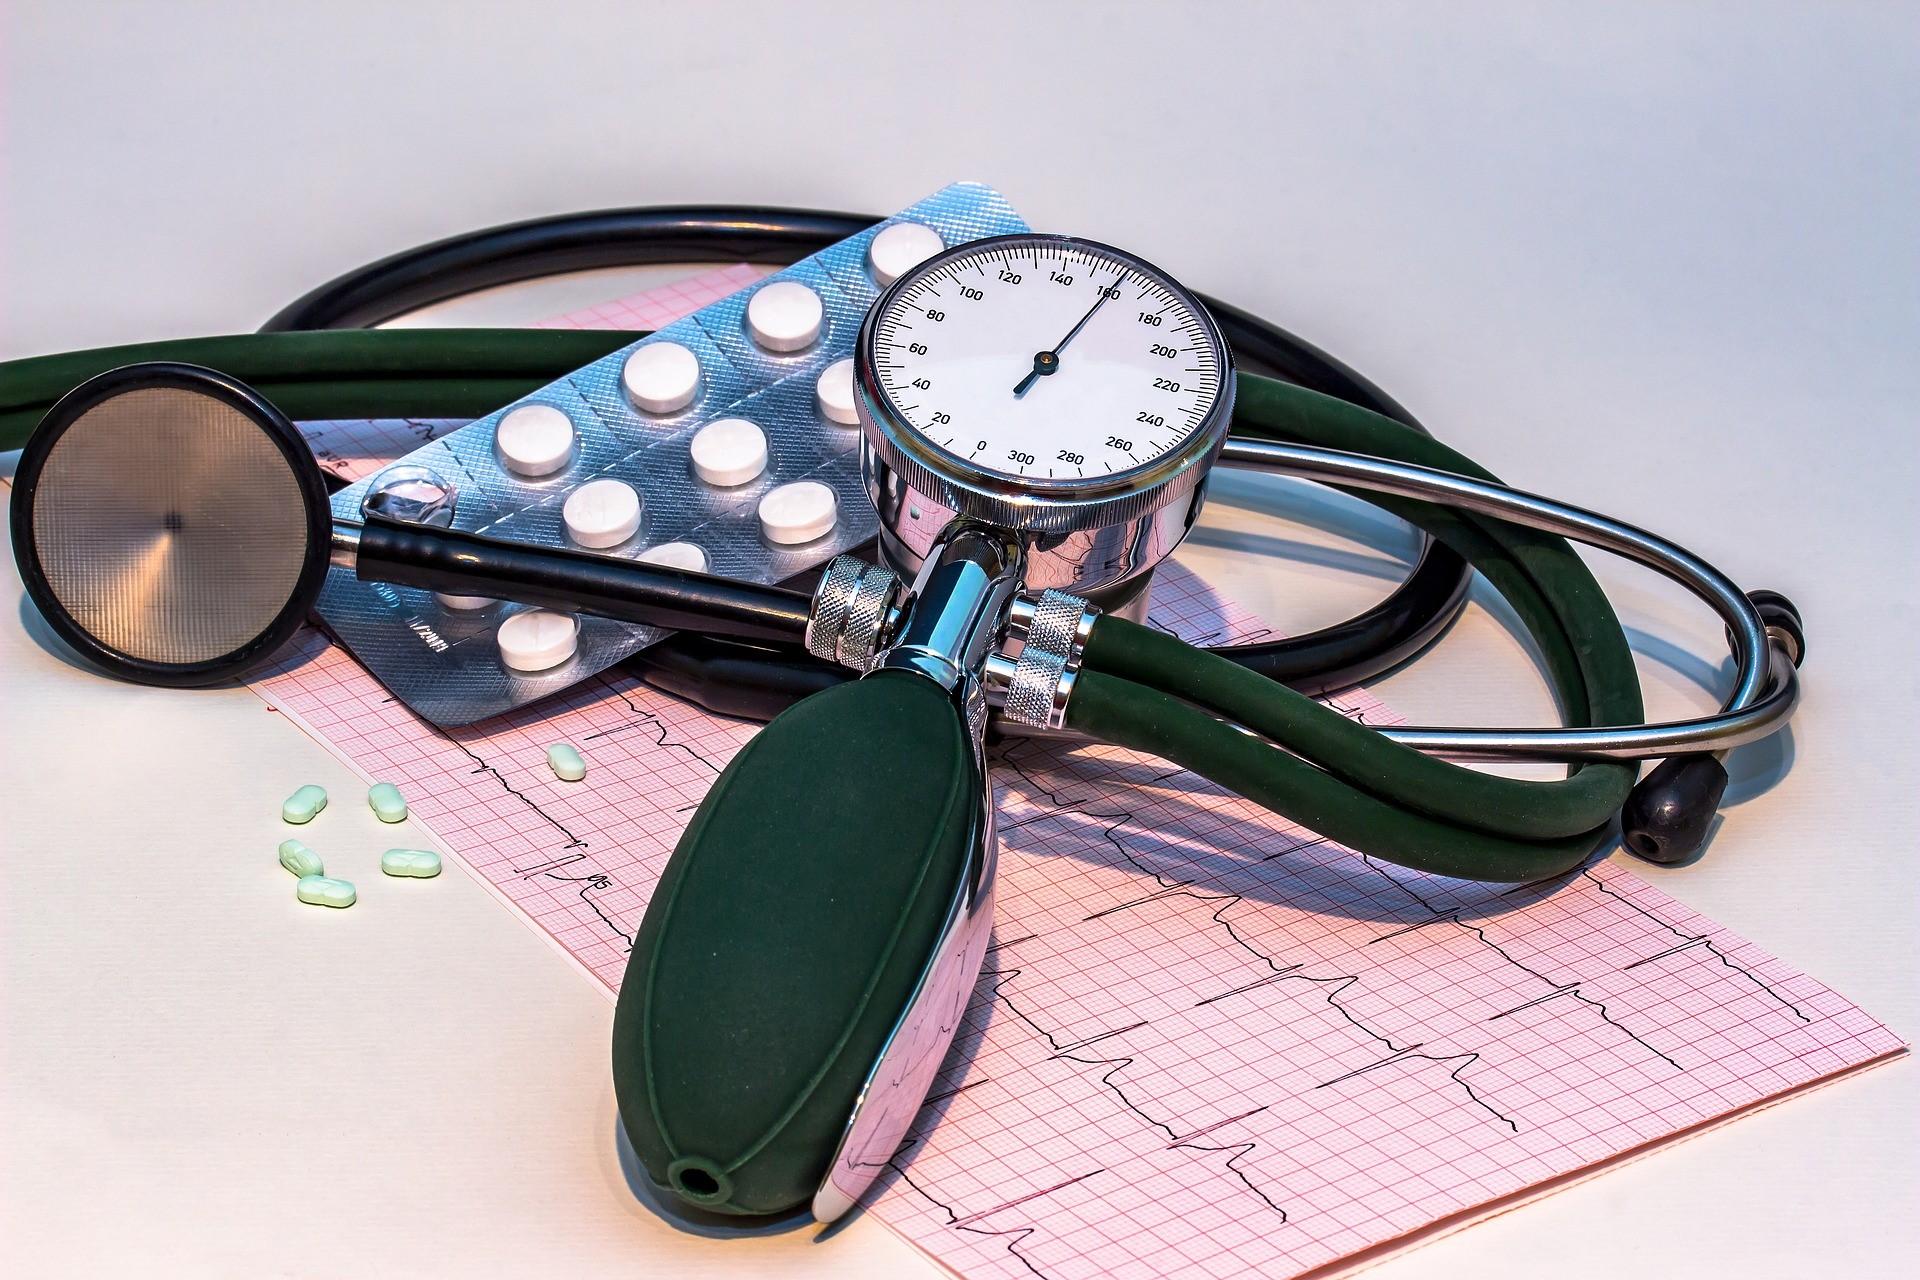 kur geriau gydoma hipertenzija?